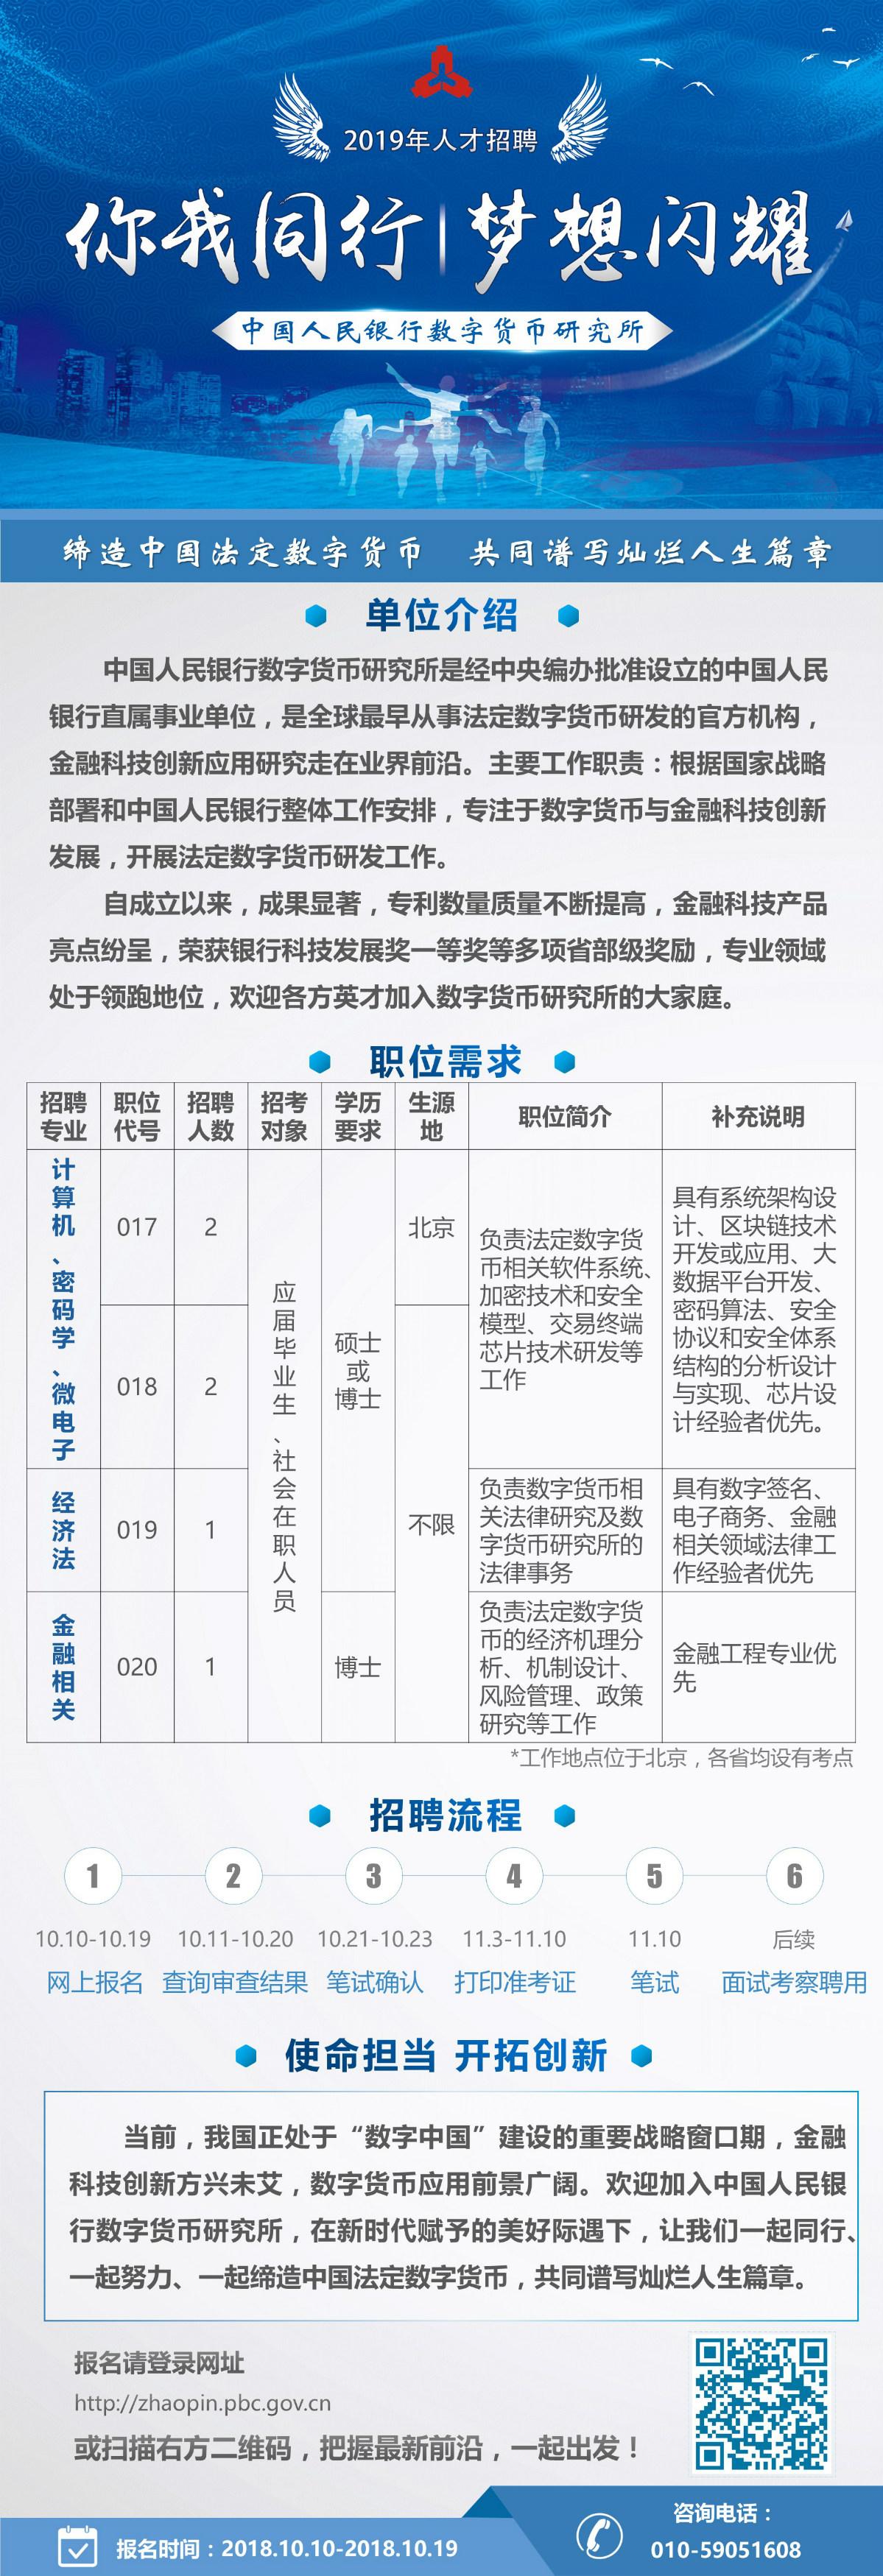 中国人民银行数字货币研究所2019年度招聘公告.jpg